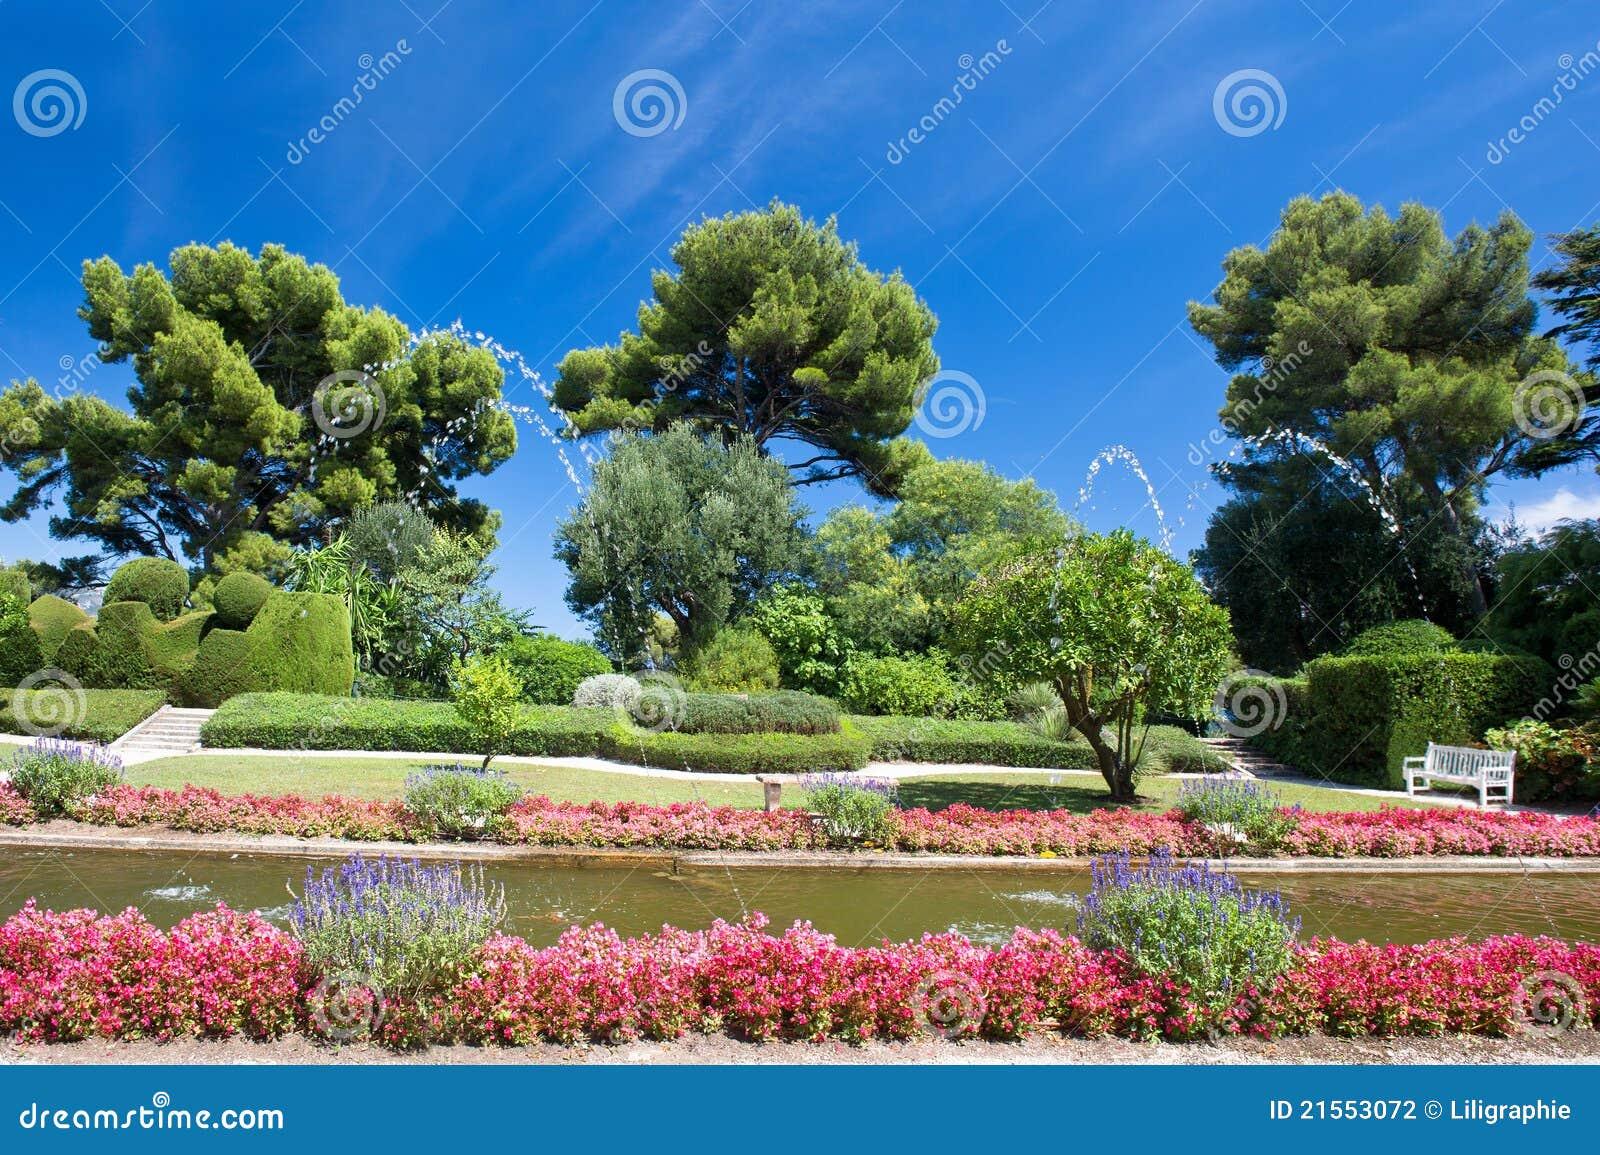 flores coloridas jardim:paisagem do jardim com flores coloridas e aperfeiçoa o céu azul. d